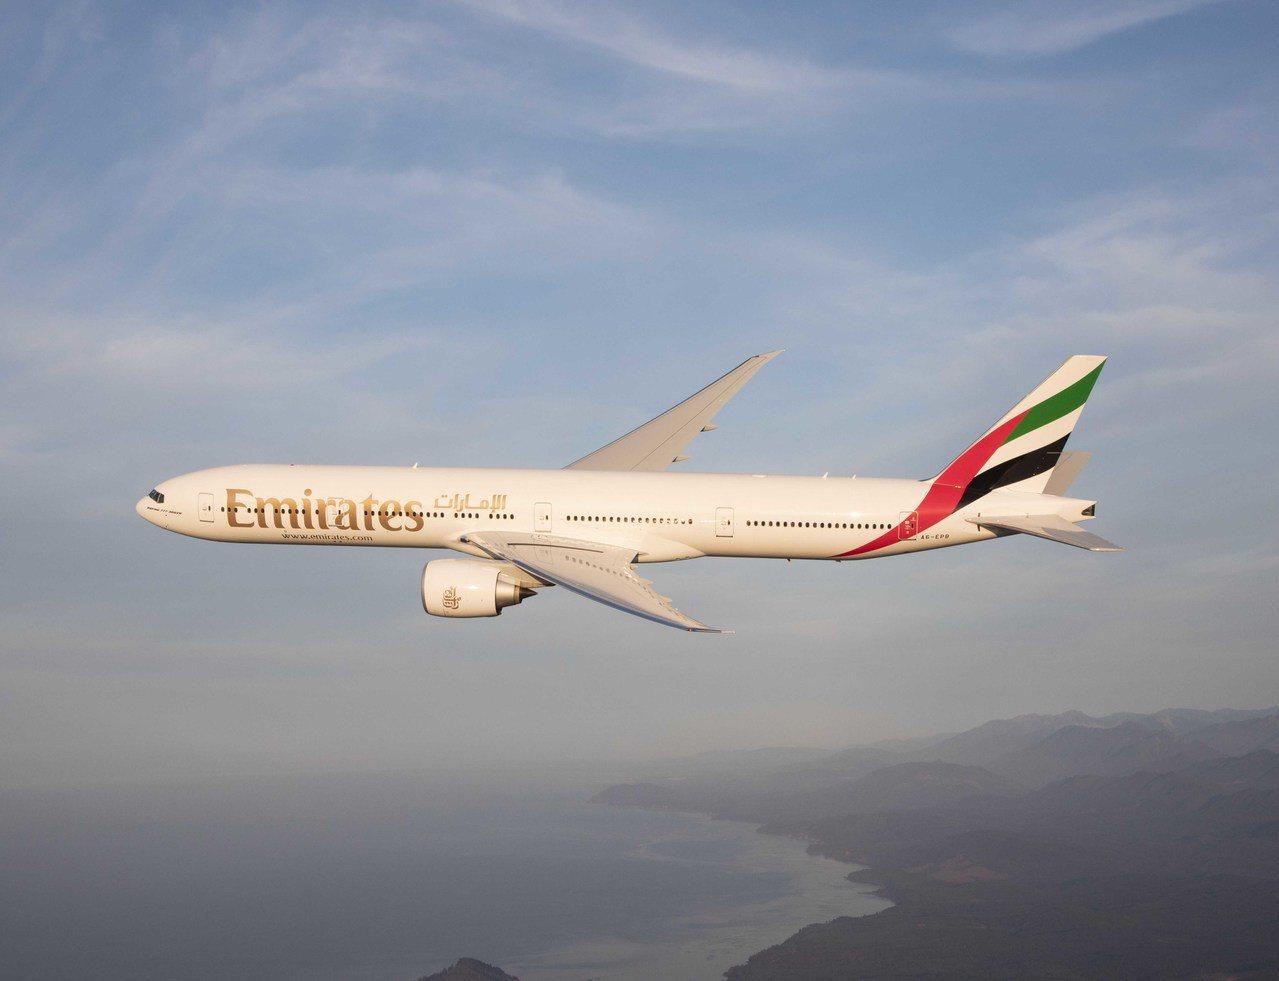 阿聯酋航空推出英國、愛爾蘭等地區限時優惠票價。圖/阿聯酋航空提供